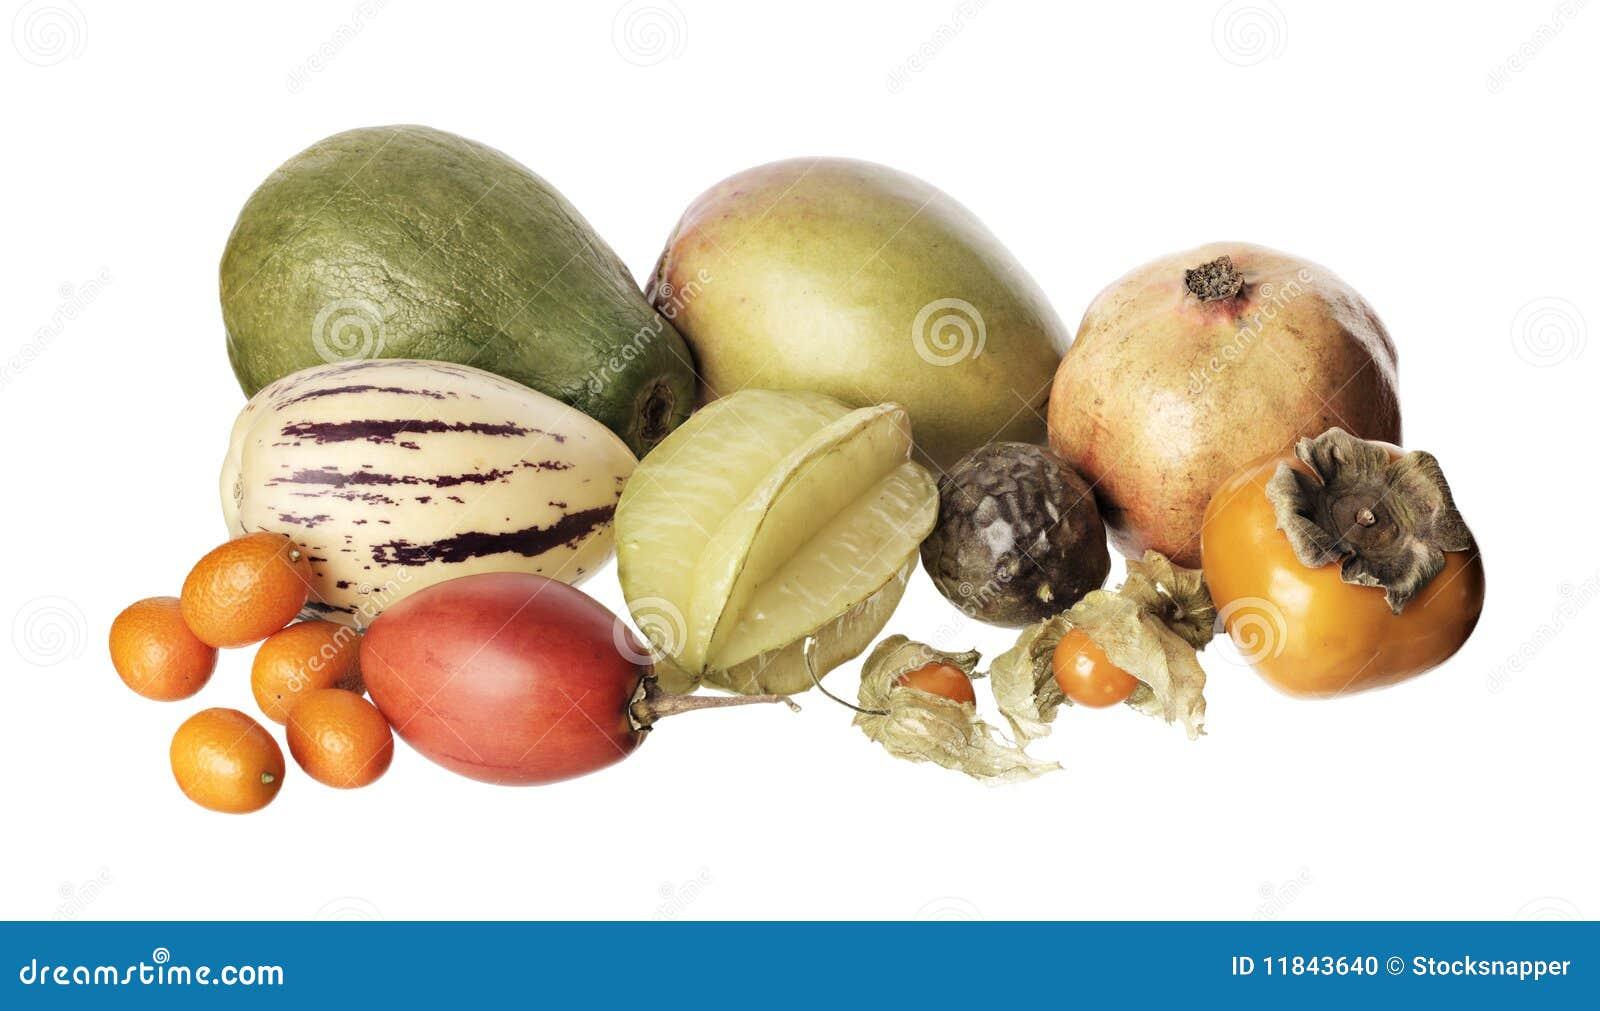 Fruit exotique photo stock image 11843640 - Image fruit exotique ...